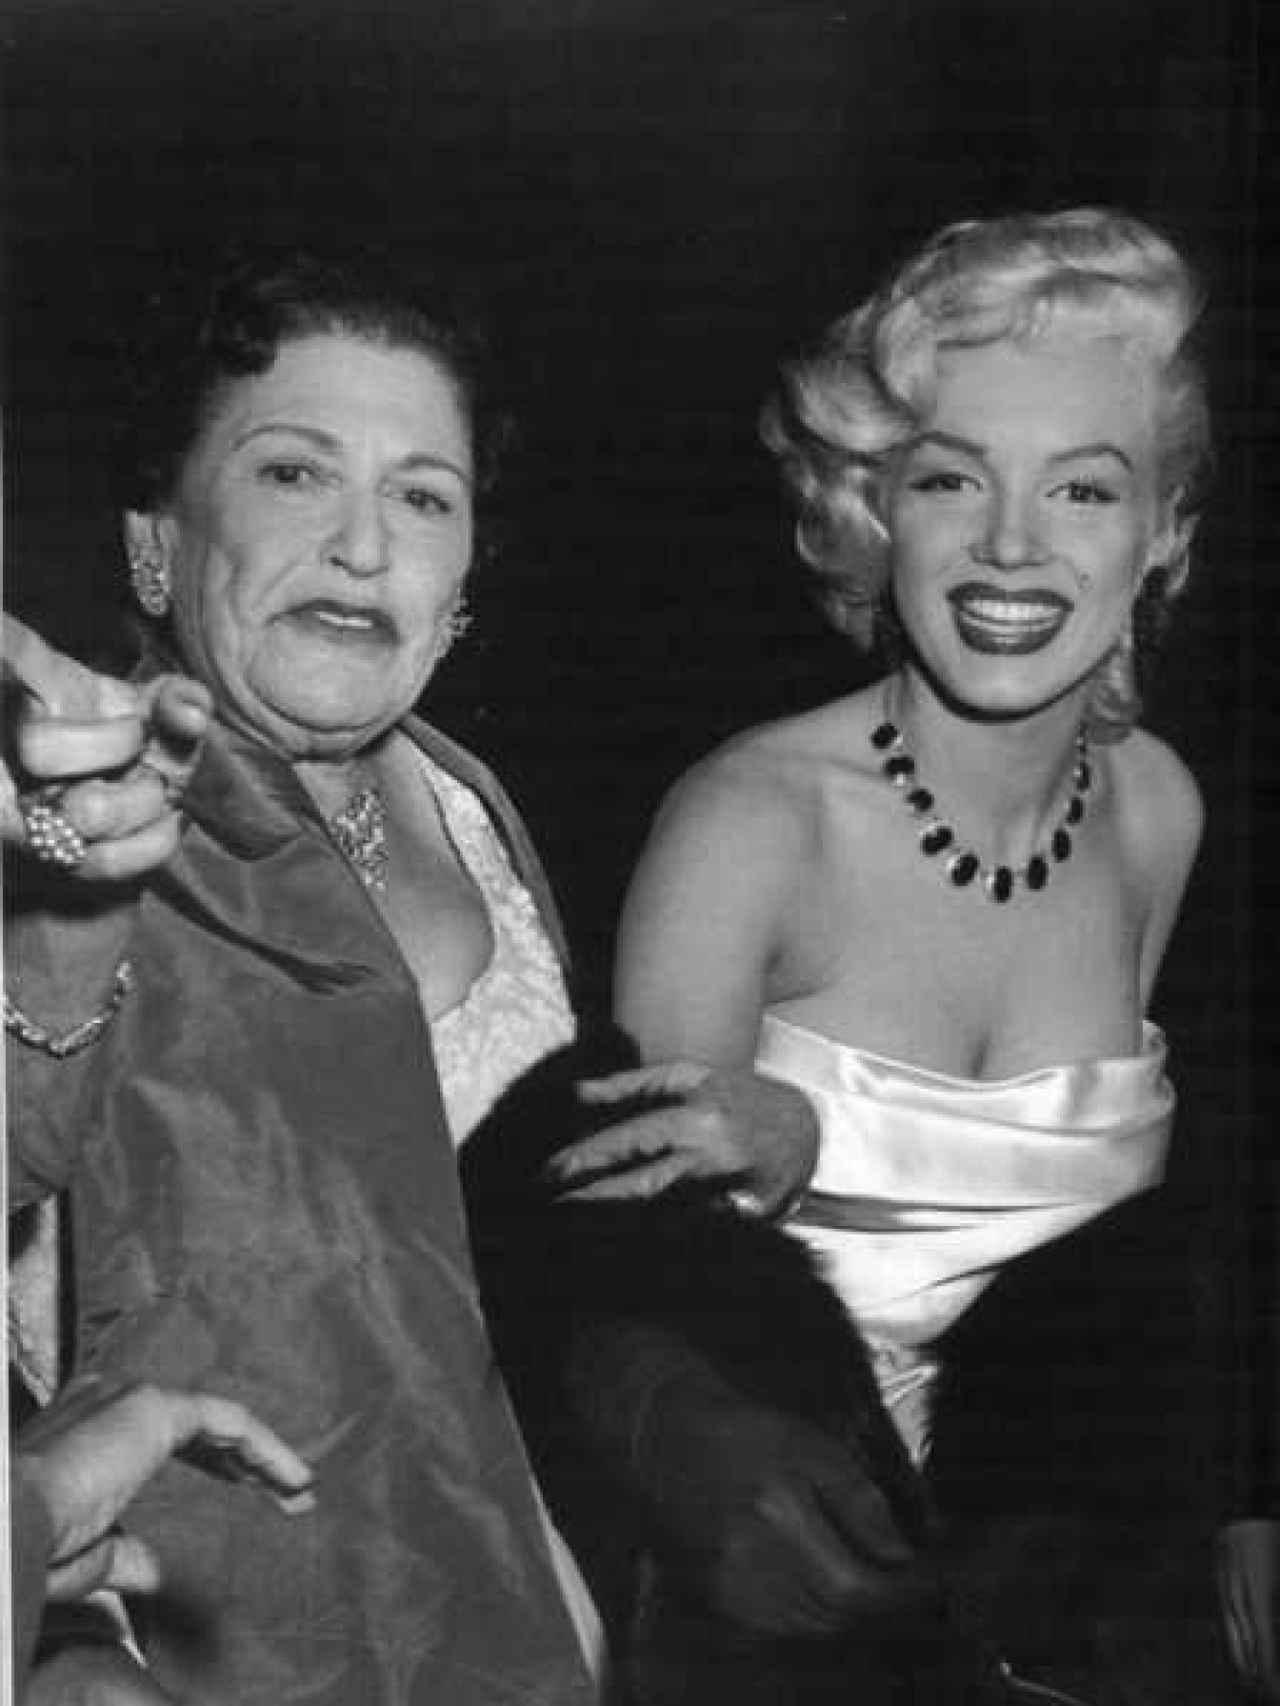 La periodista Parsons con Marilyn Monroe